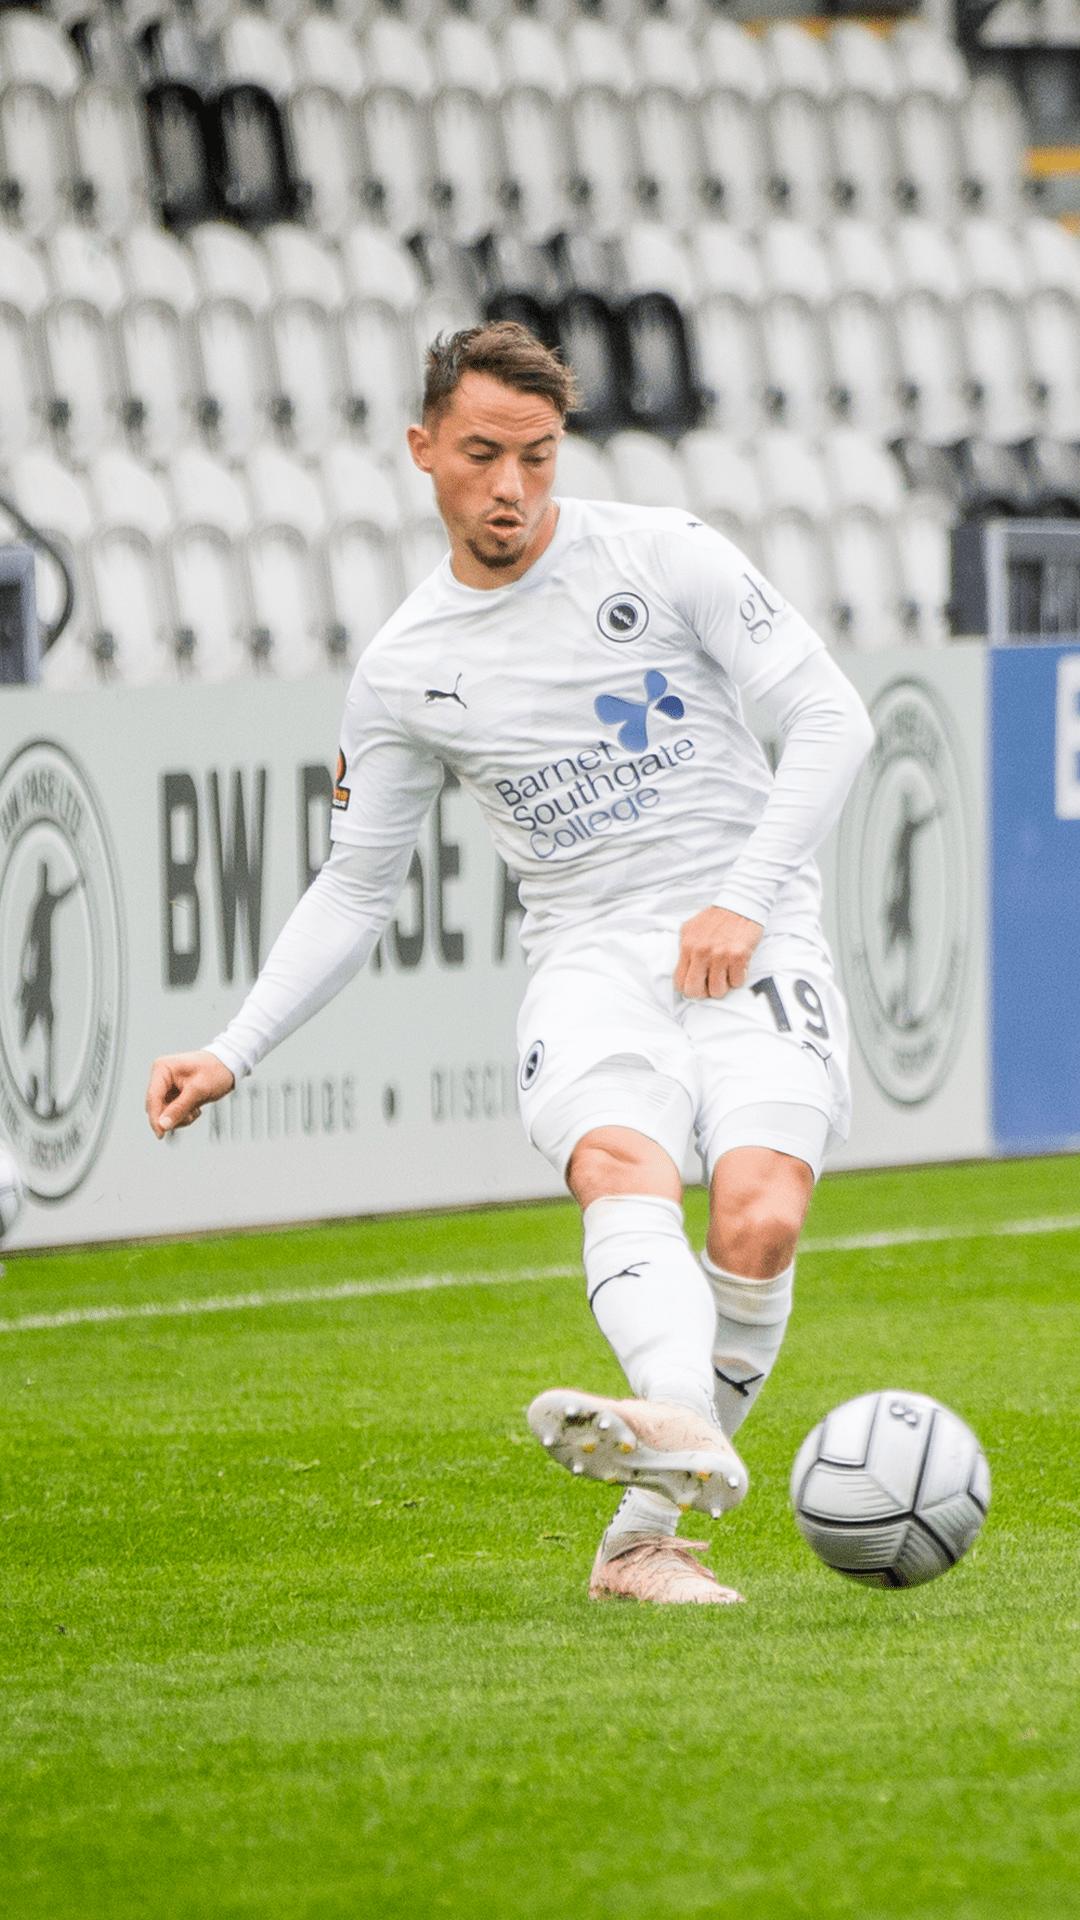 19 - Kane Smith